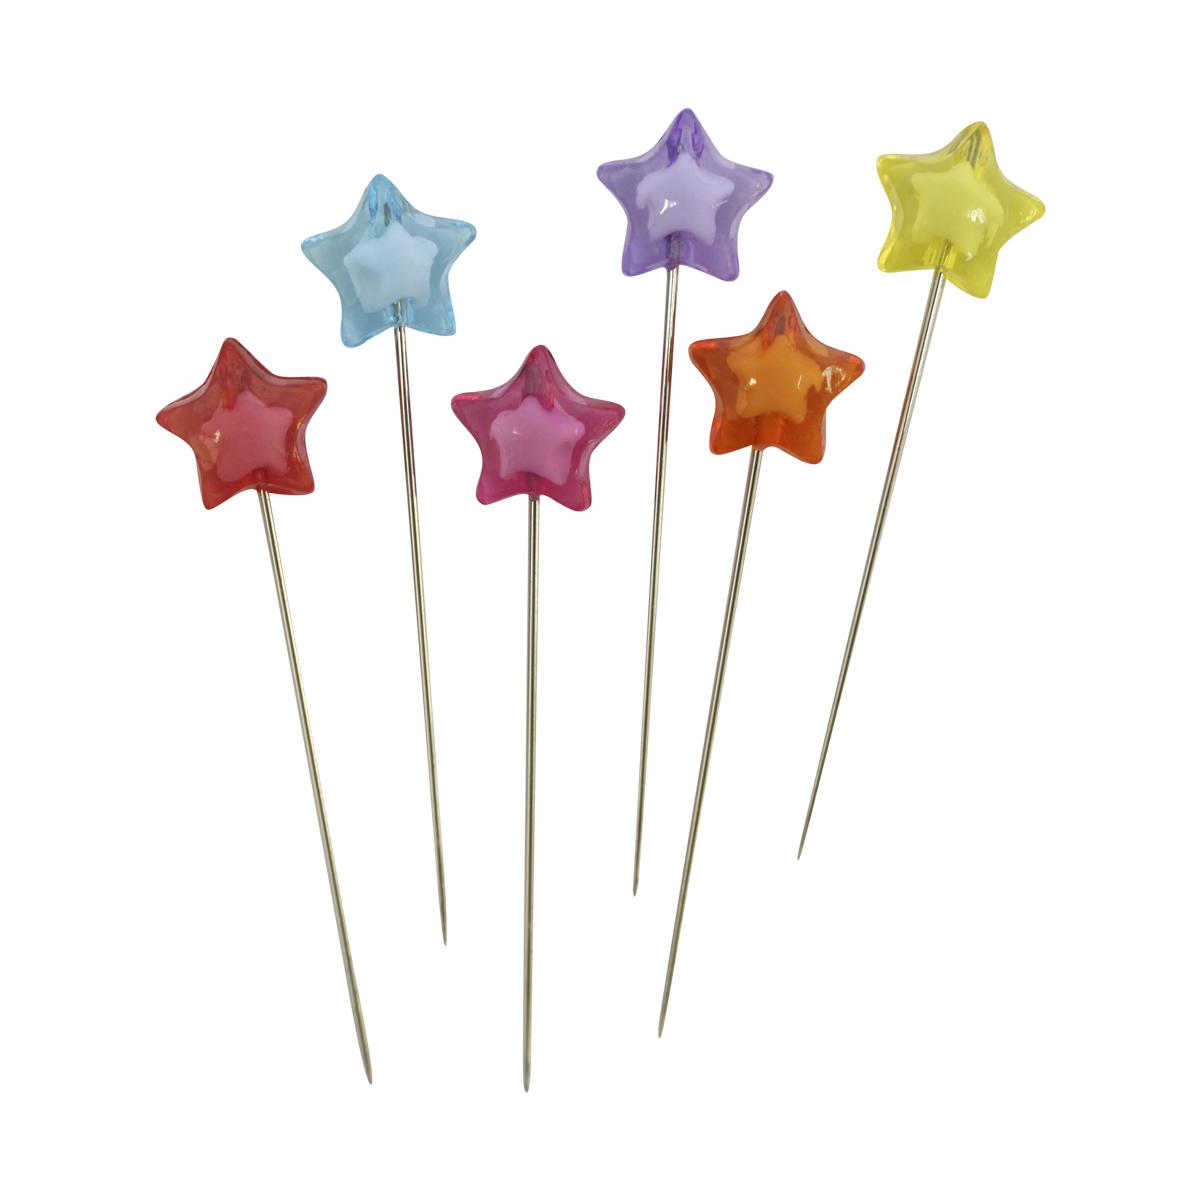 H17-L1316 Булавки декоративные с цветными звездочками, упак./6 шт., 'Астра'